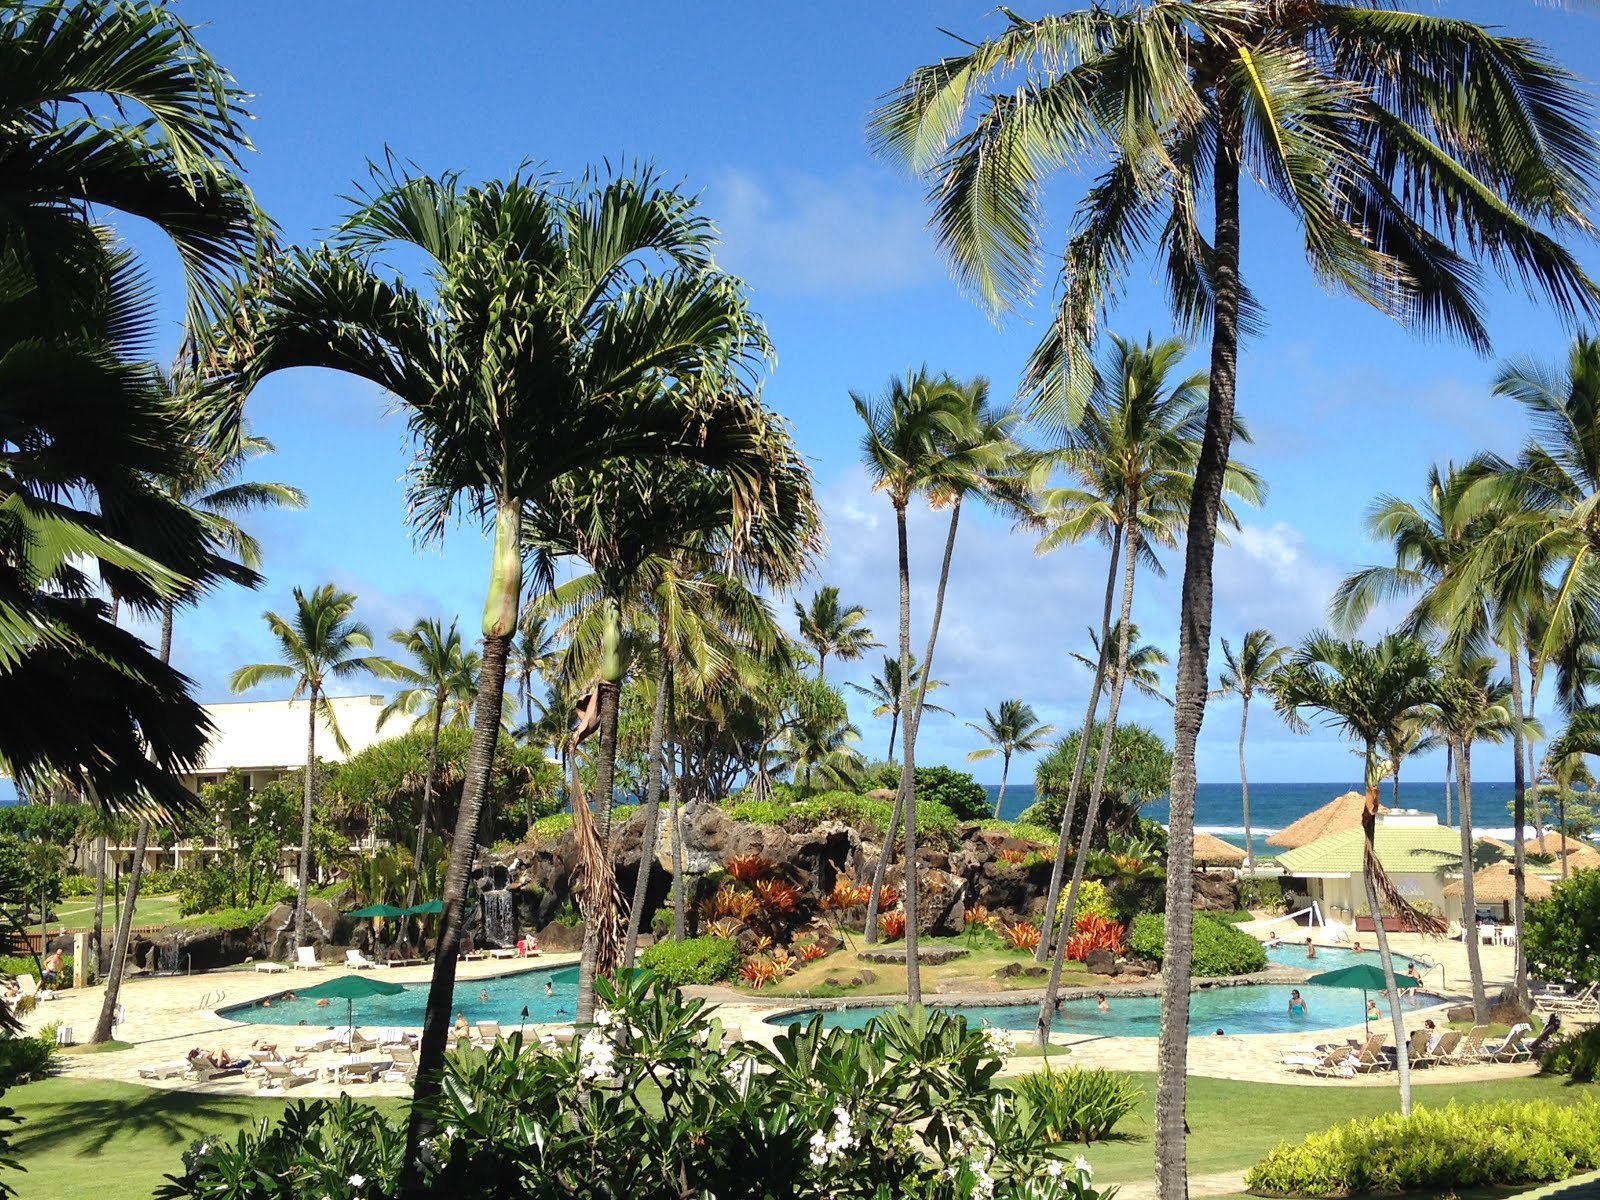 kauai real estate for sale new price kauai beach resort